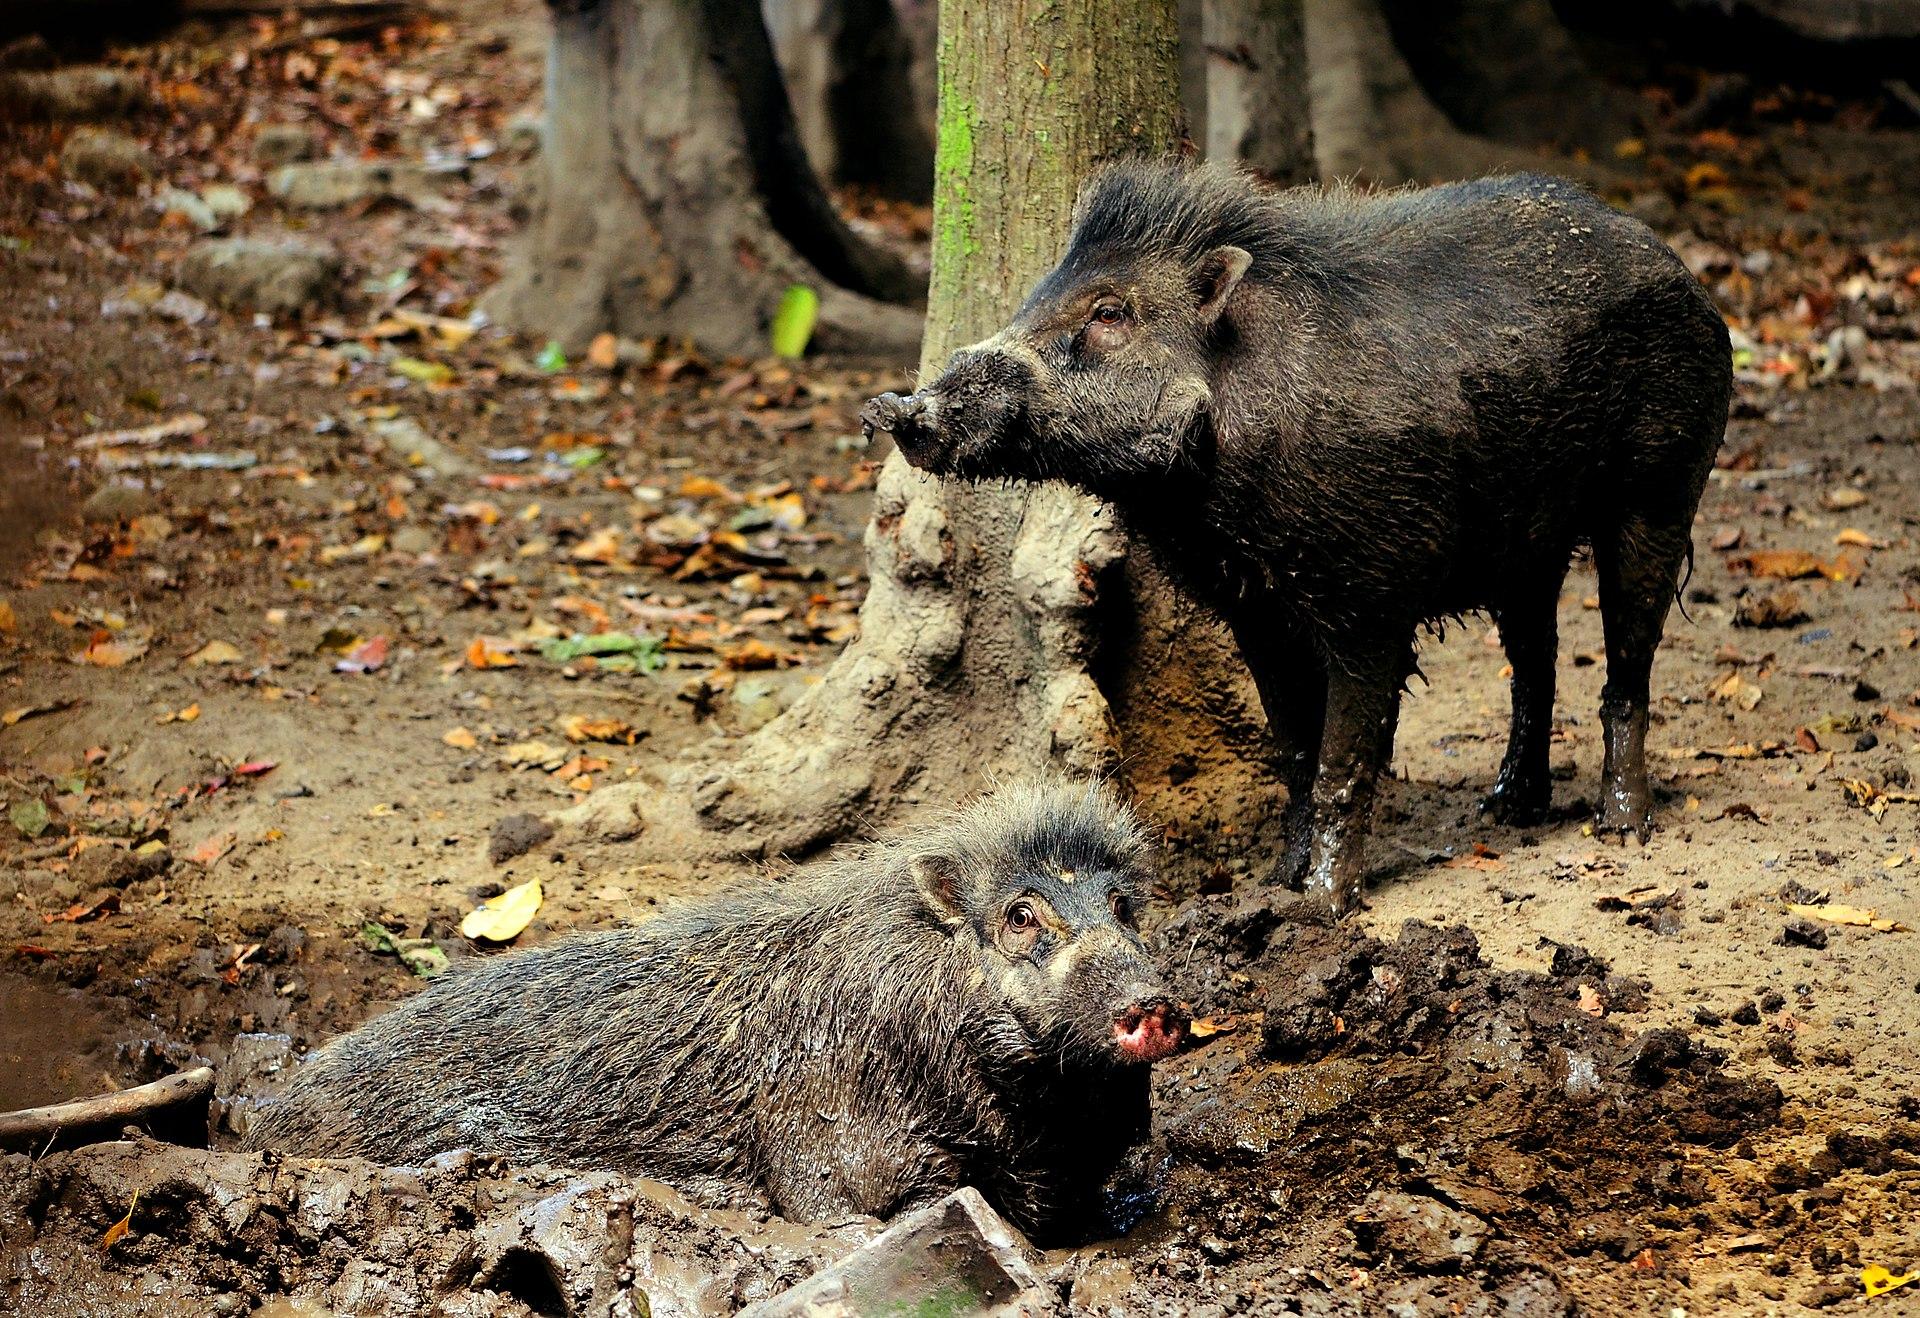 """Висайские бородавчатые свиньи— вид, находящийся под угрозой исчезновения. Фото— <a href=""""https://en.wikipedia.org/wiki/Visayan_warty_pig#/media/File:Visayan_Warty_Pigs_(Sus_cebifrons)_by_Gregg_Yan.jpg"""">Shukran888</a>."""